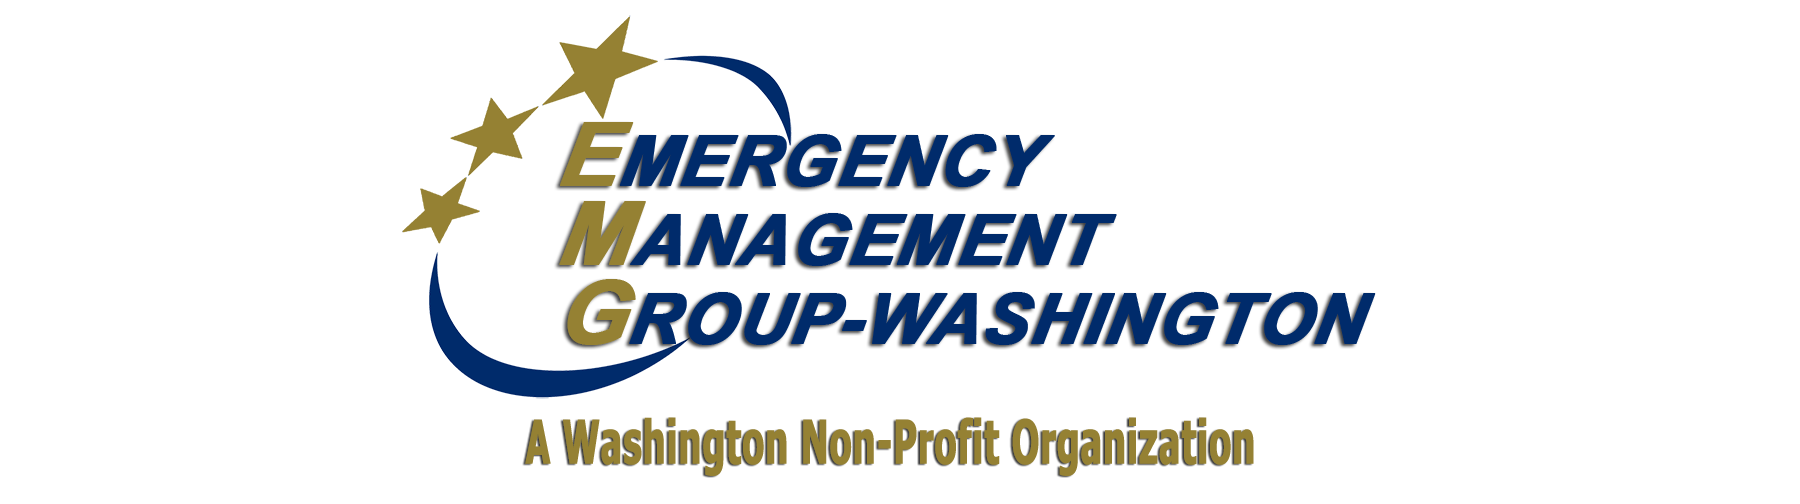 Emergency Management Group-Washington